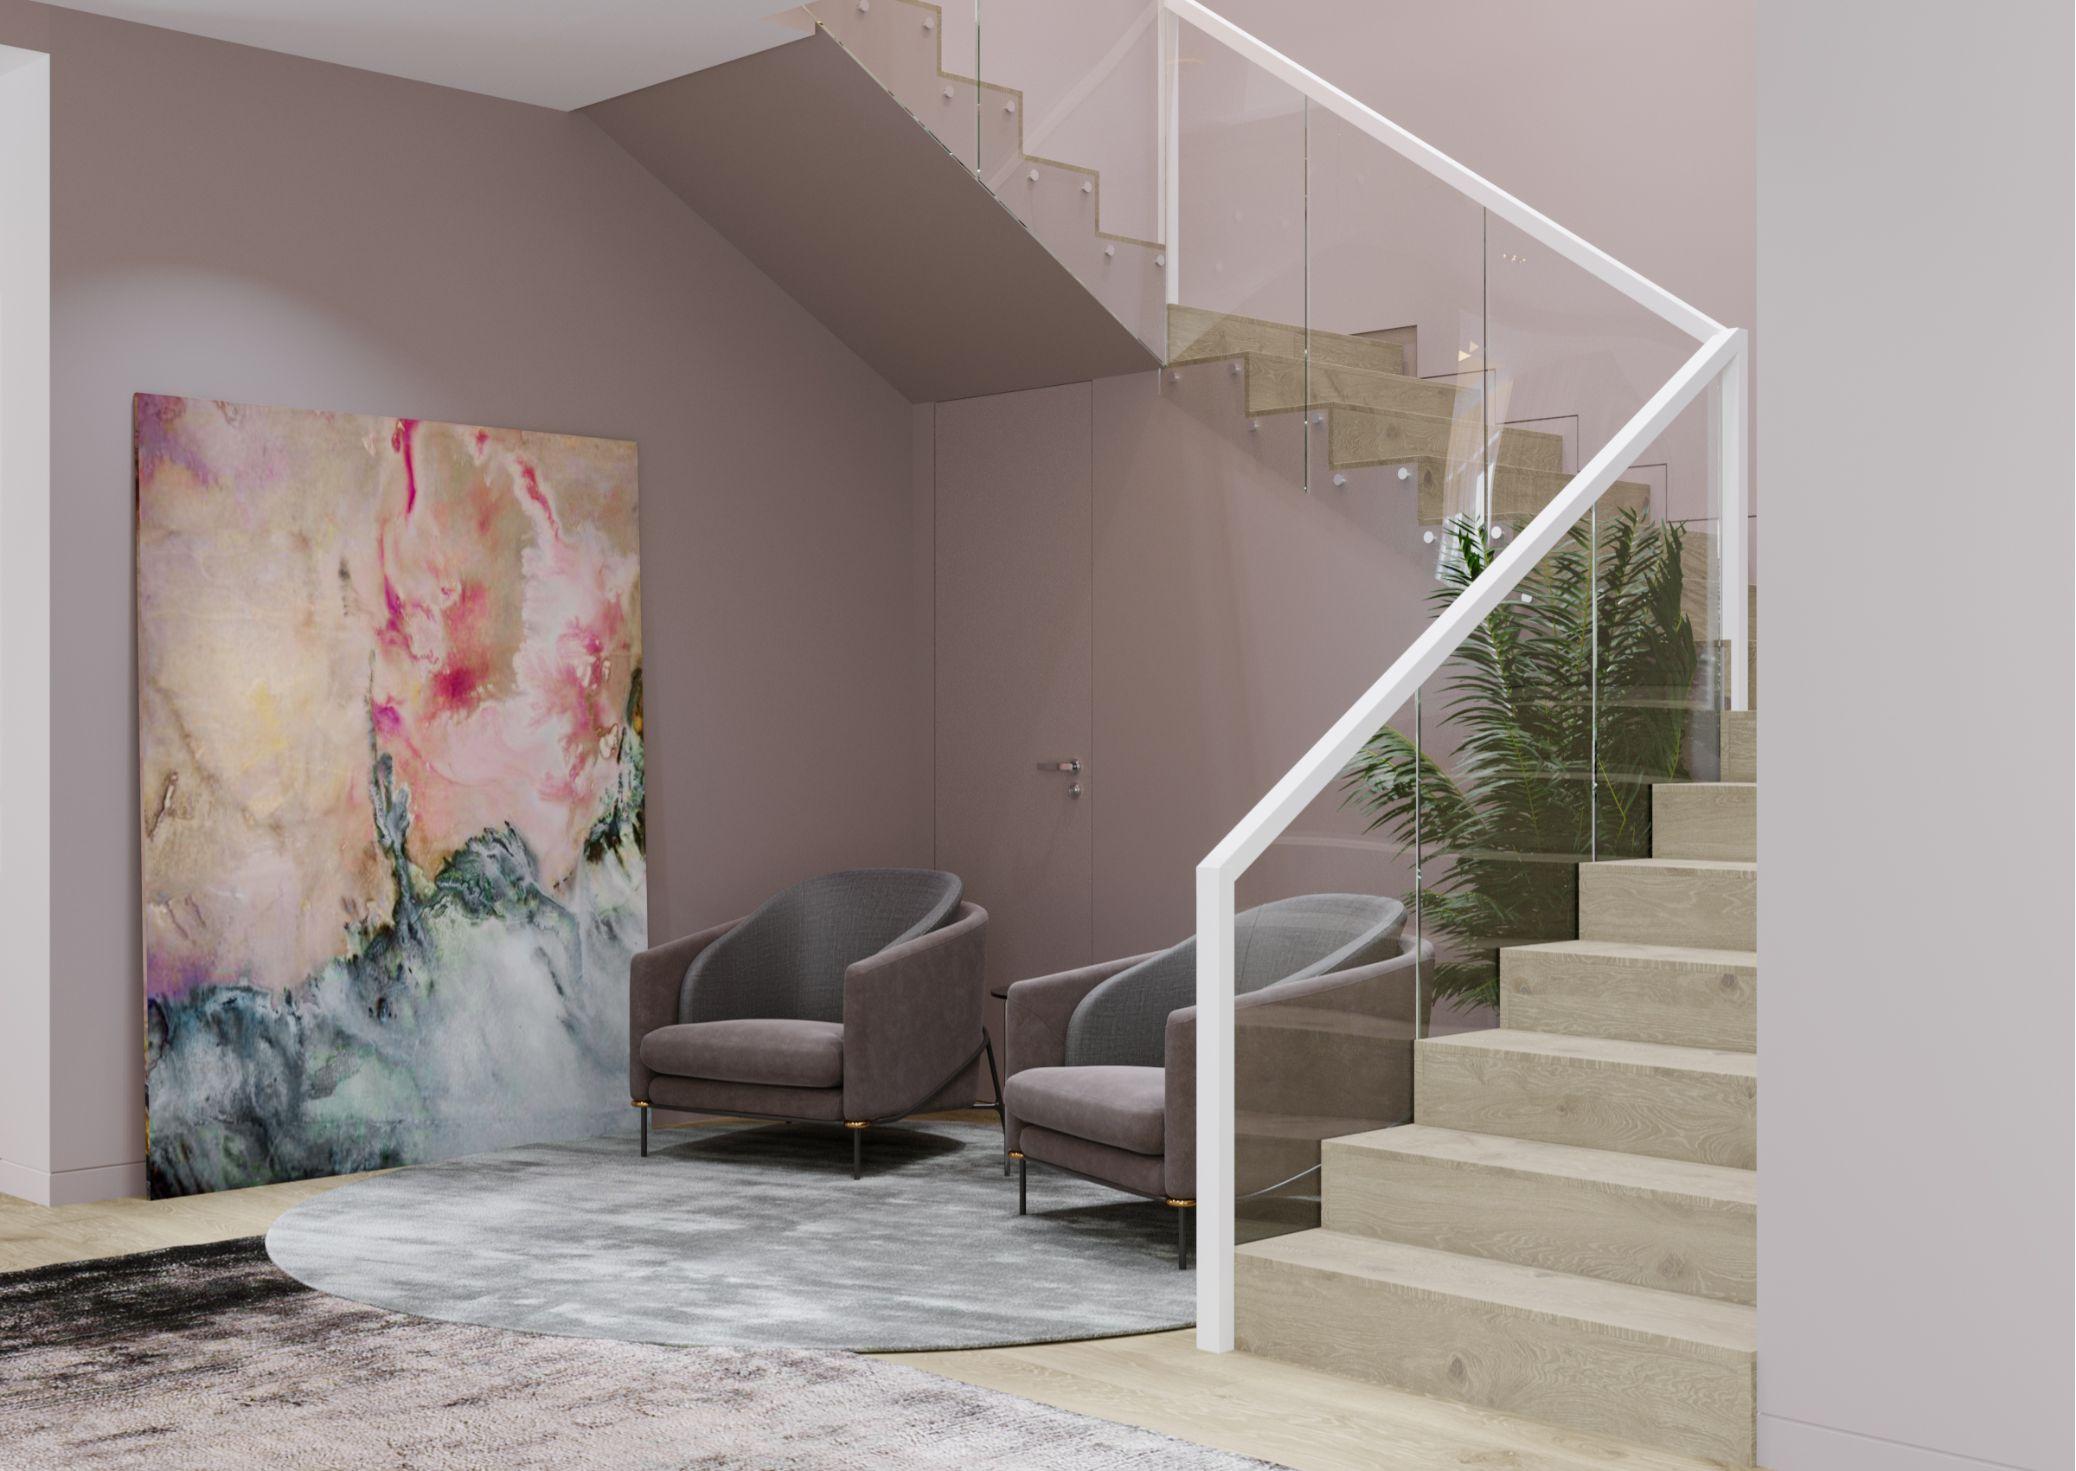 design de interior hol